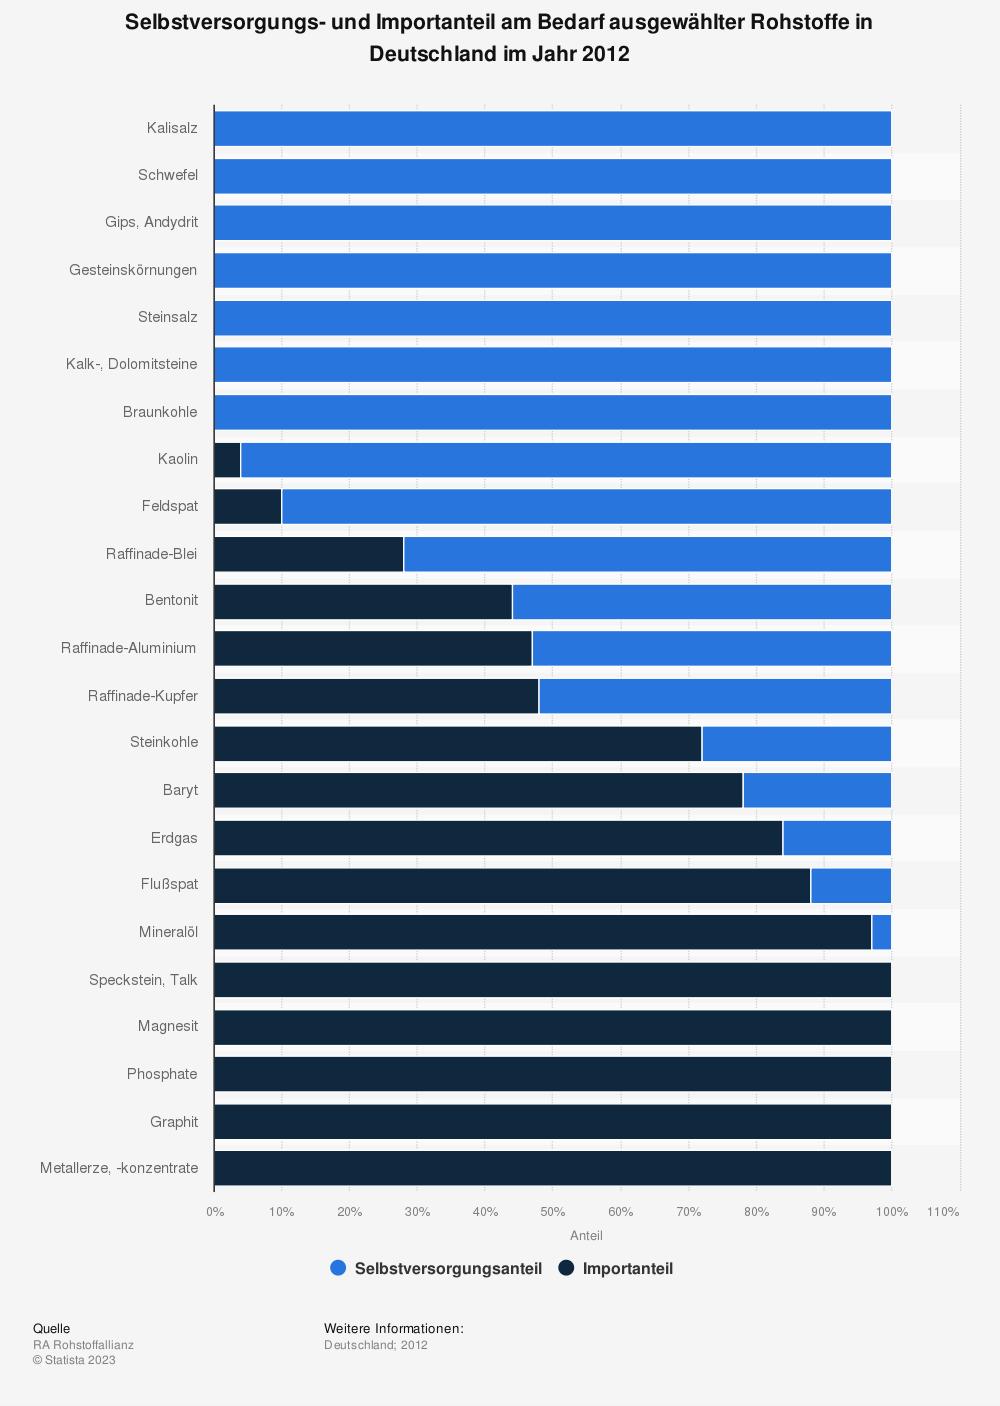 Statistik: Selbstversorgungs- und Importanteil am Bedarf ausgewählter Rohstoffe in Deutschland im Jahr 2012 | Statista